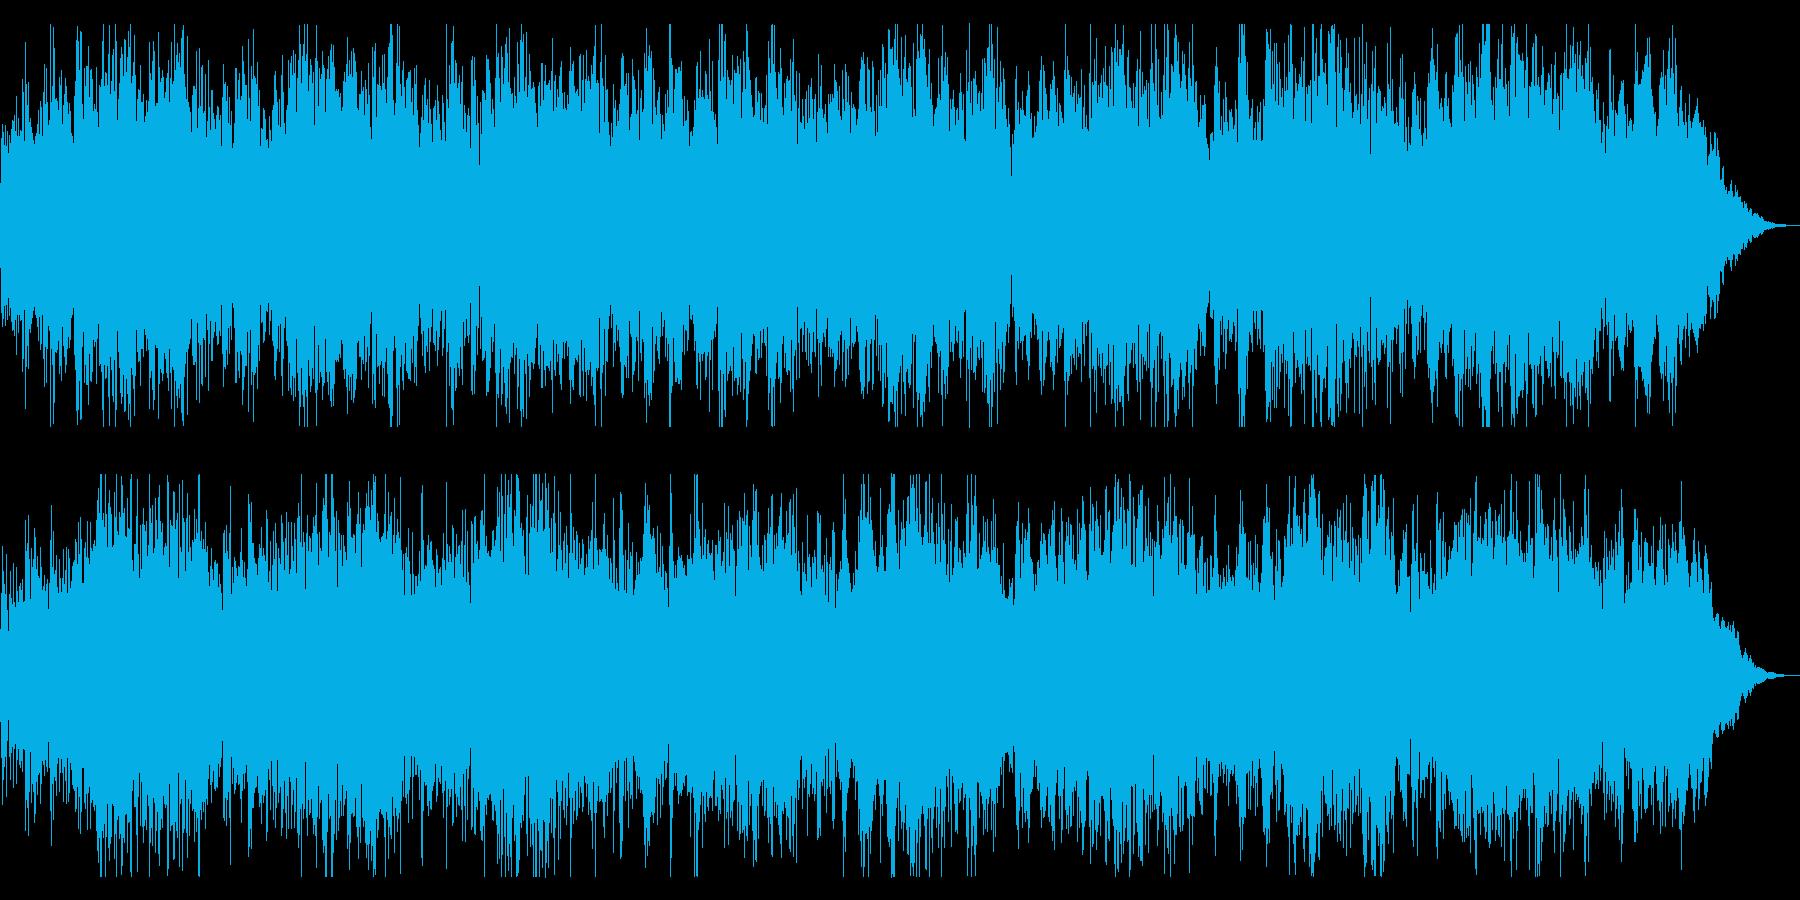 ダークでミステリアスなBGM 恐怖感演出の再生済みの波形